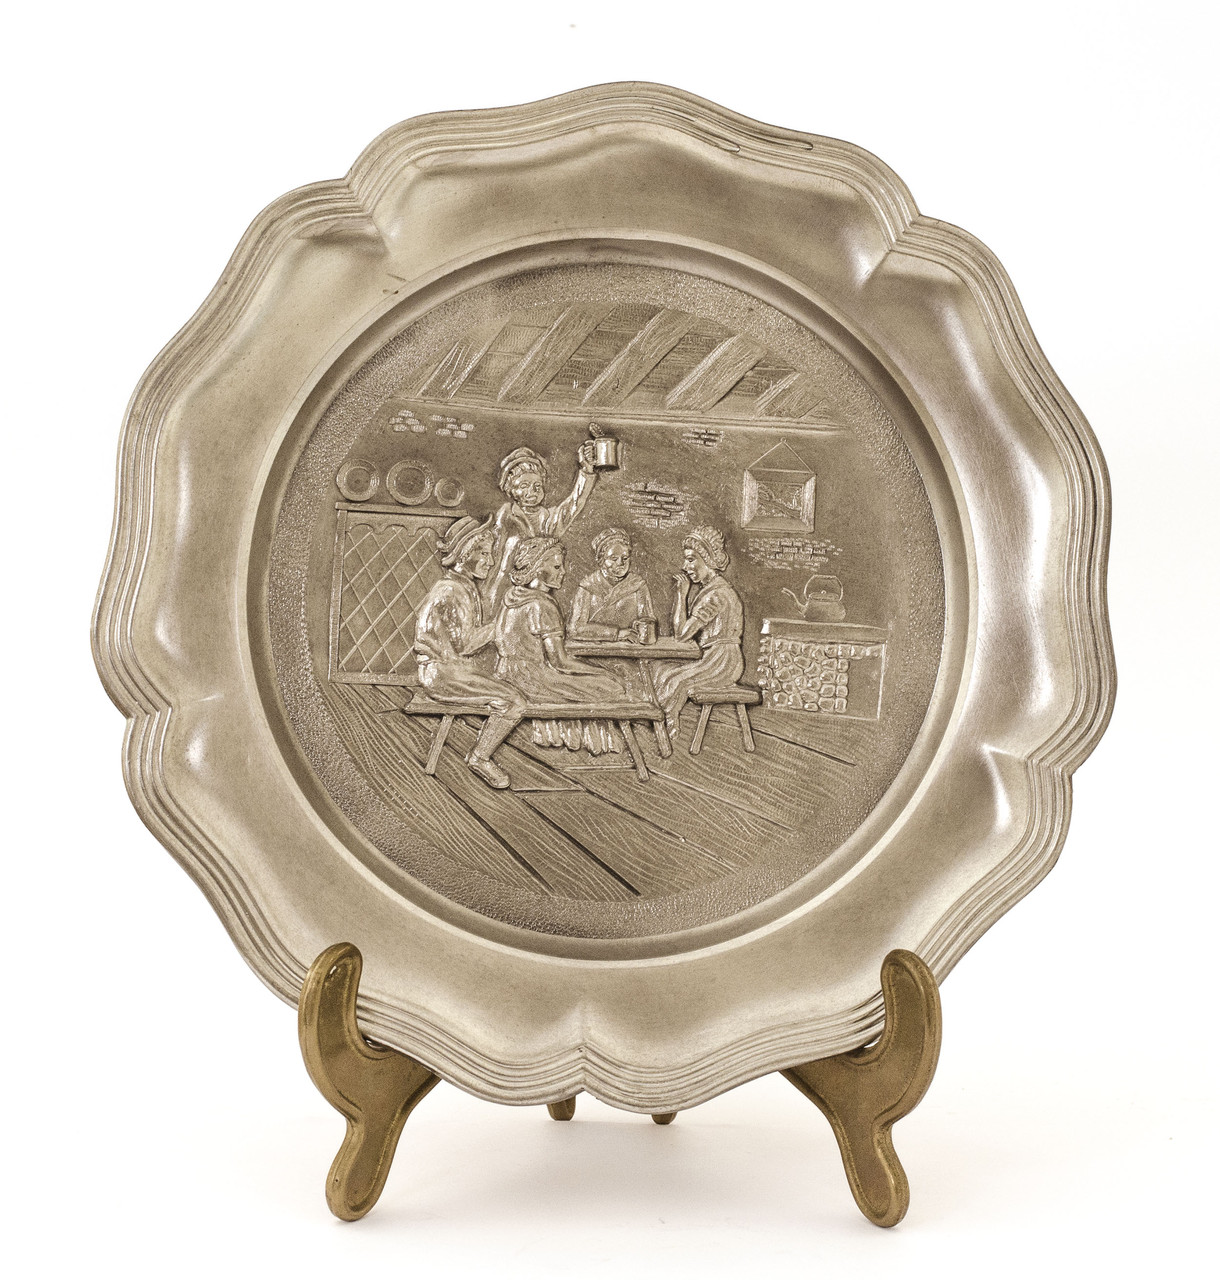 Настенная оловянная тарелка, олово, Германия, 22 см